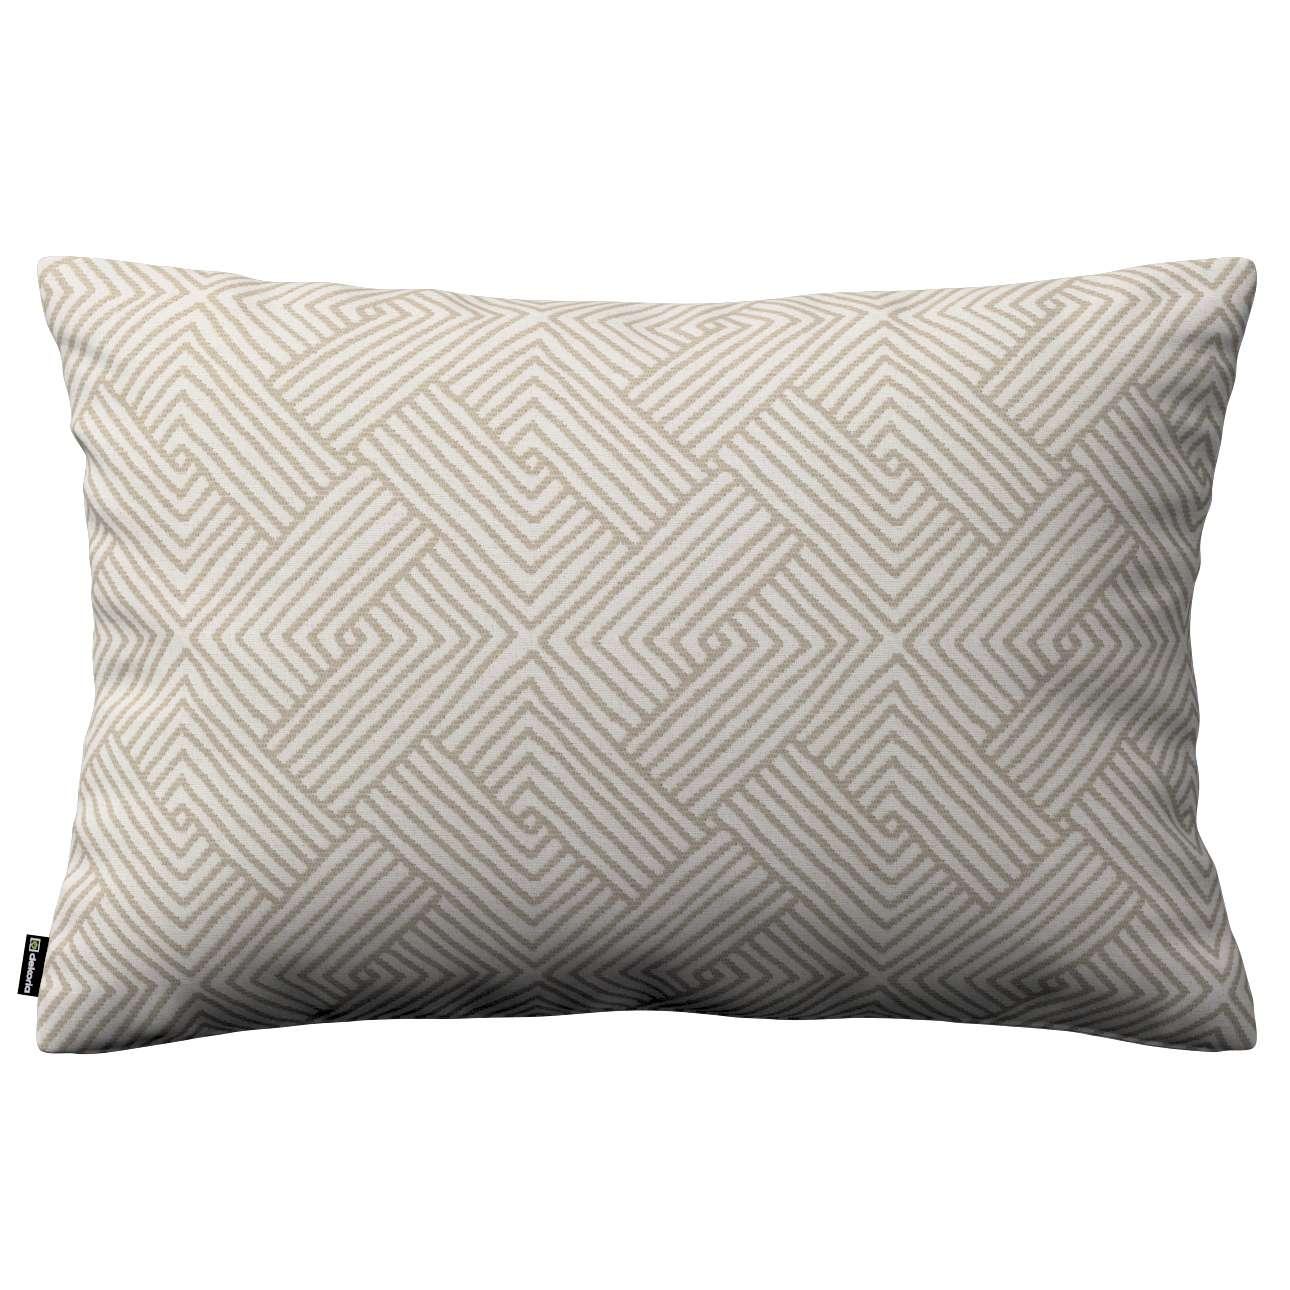 Poszewka Kinga na poduszkę prostokątną w kolekcji Sunny, tkanina: 143-44